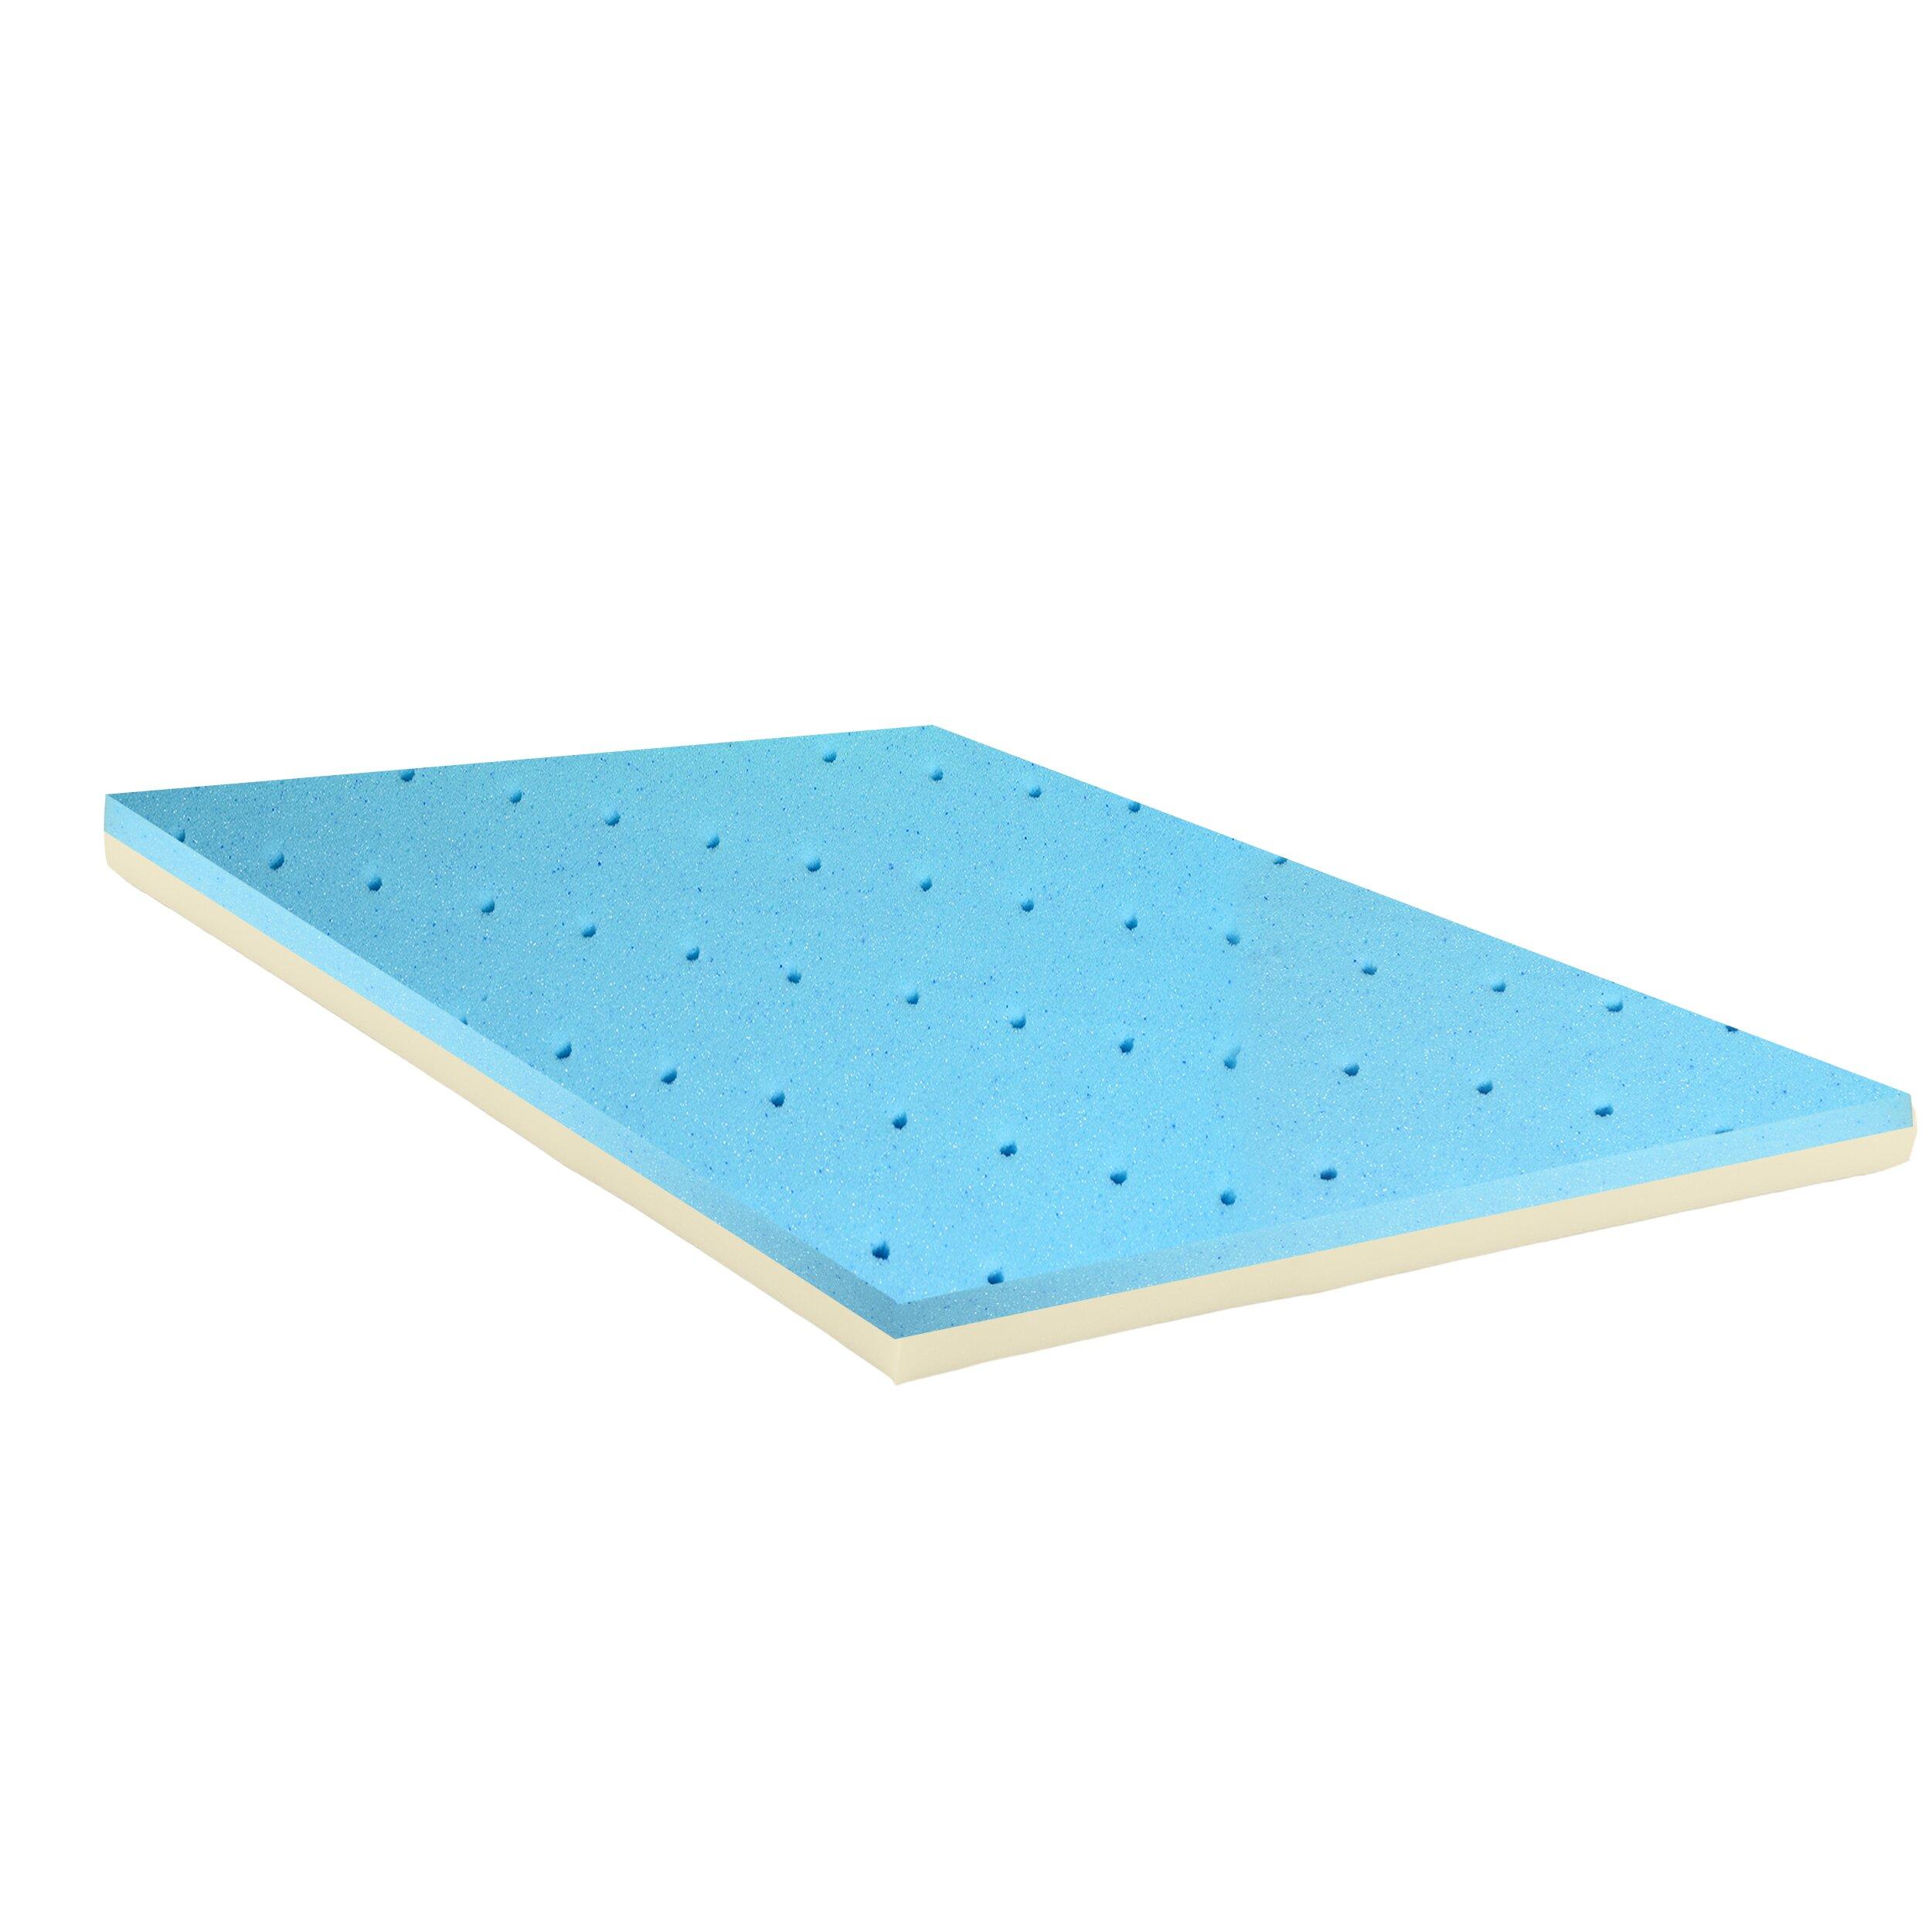 Gel Infused High Density Foam Mattress Topper